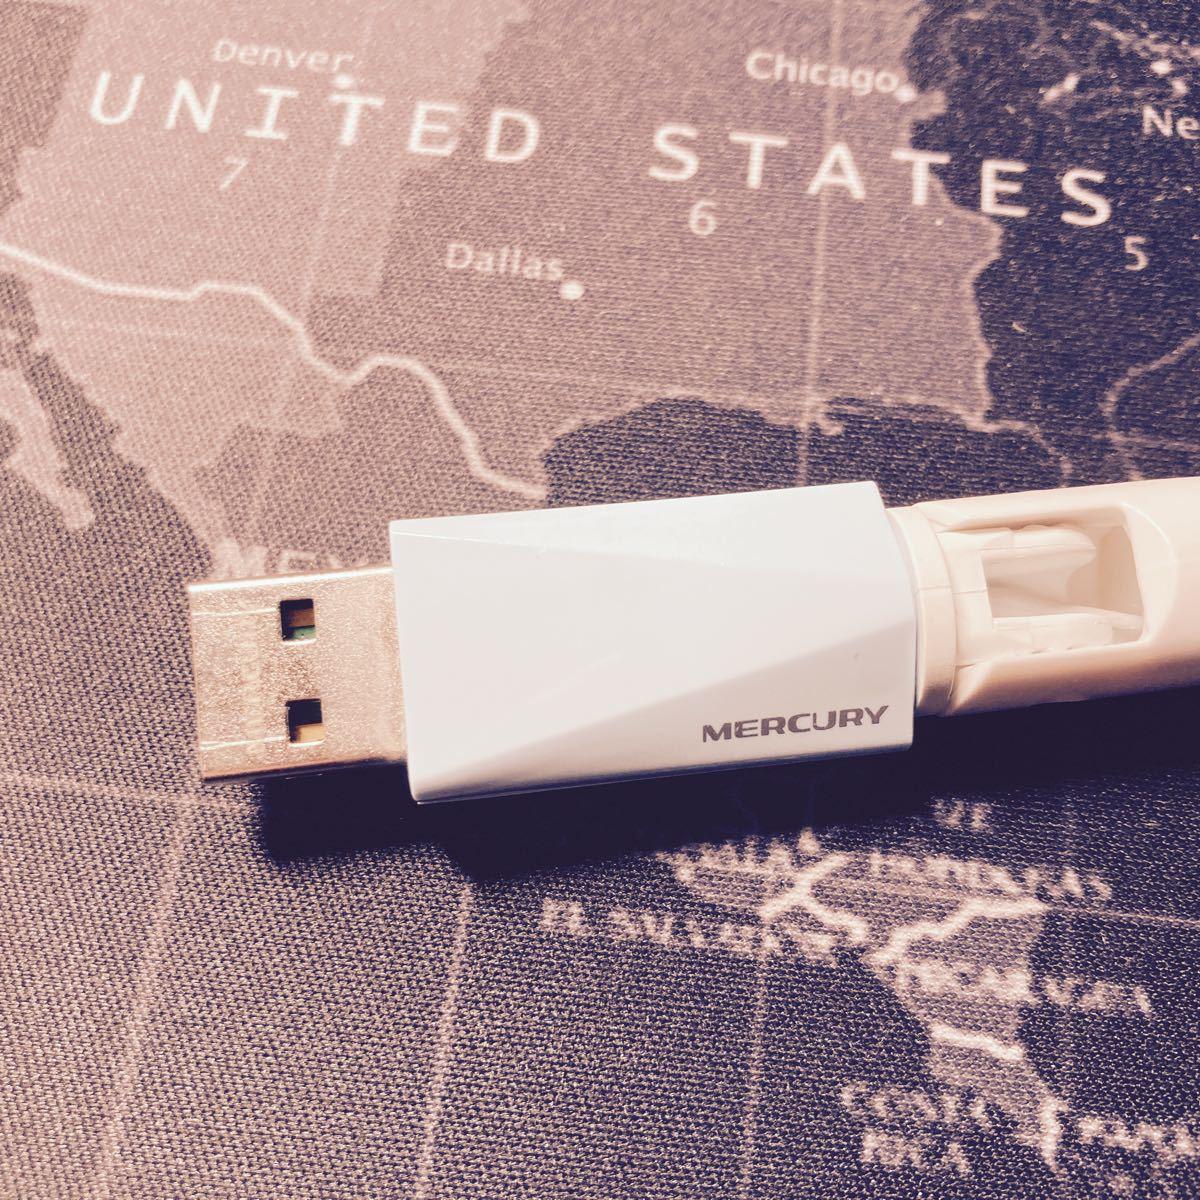 WiFi 無線LAN 子機 USB2.0 MERCURY ウィフィ